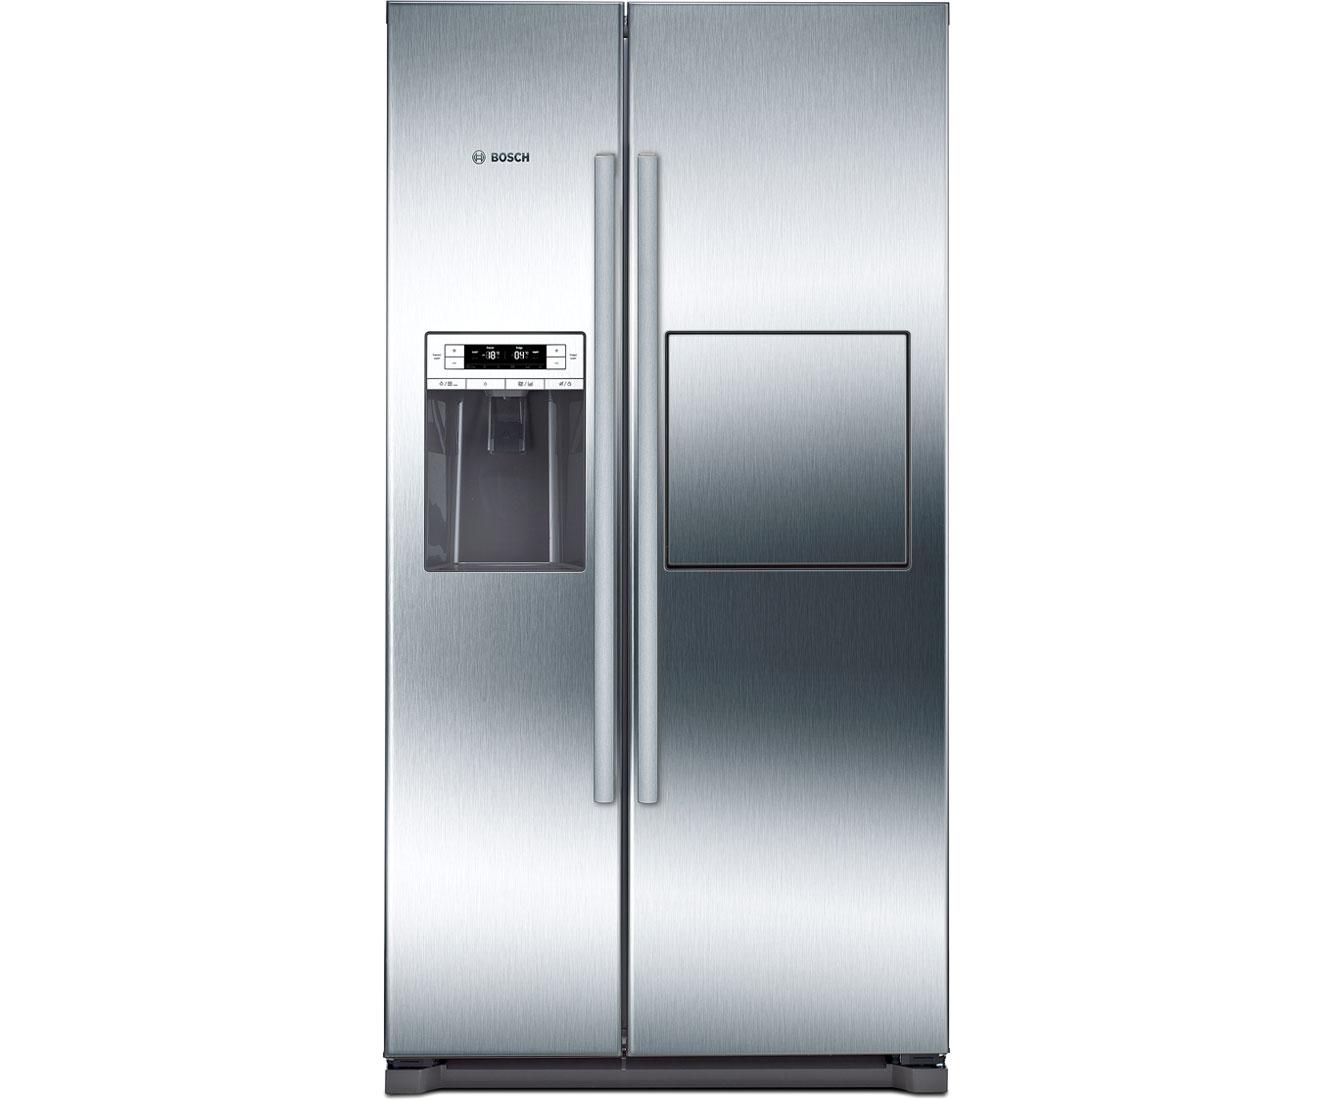 Amerikanischer Kühlschrank Mit Eiswürfelspender : A nofrost side preisvergleich u2022 die besten angebote online kaufen